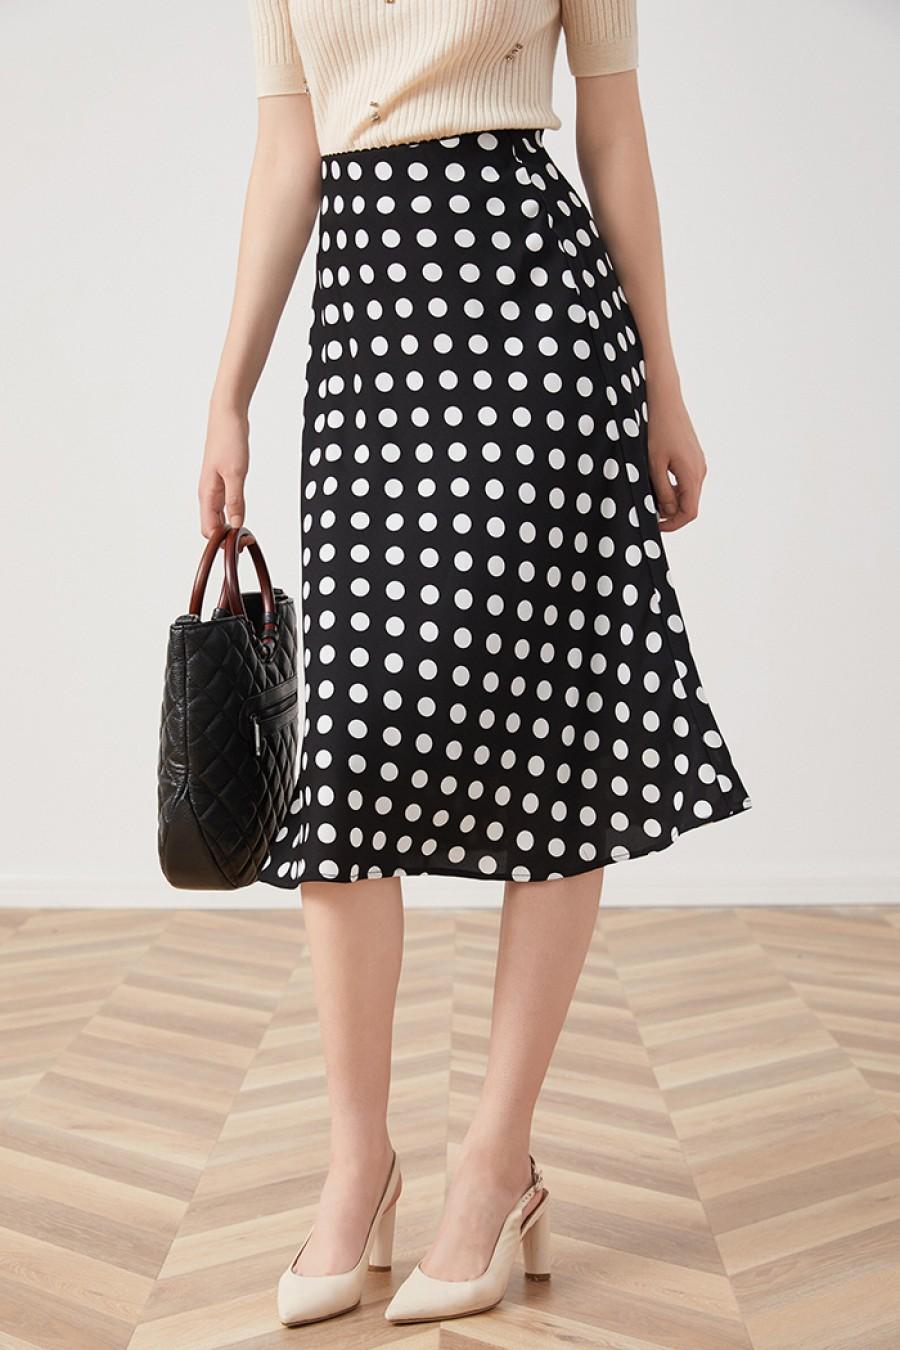 Polka dot print skirt